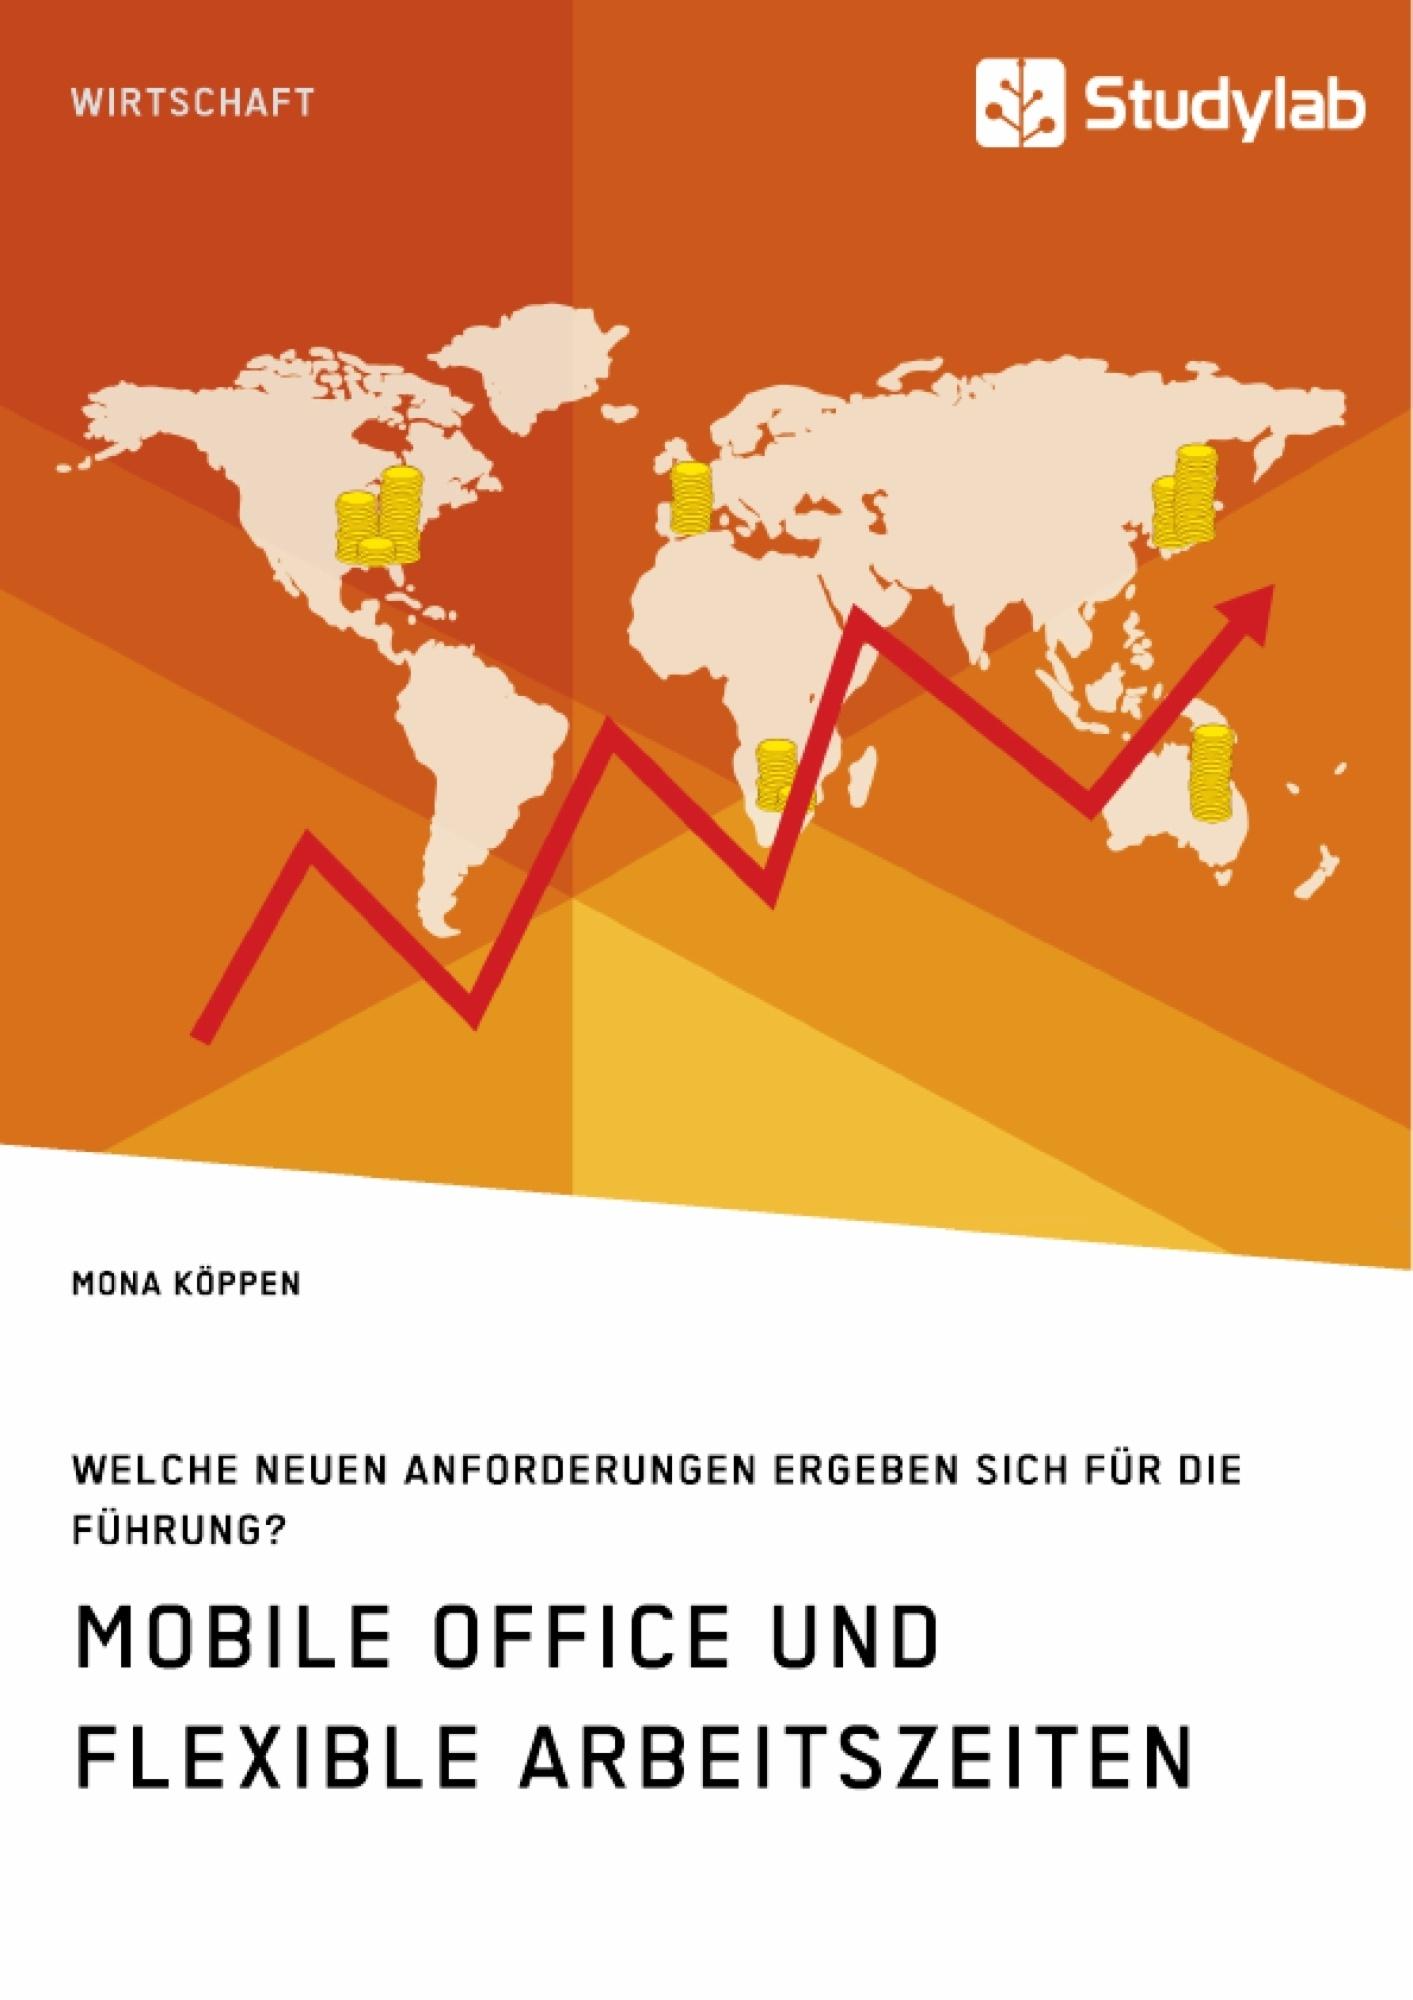 Titel: Mobile Office und flexible Arbeitszeiten. Welche neuen Anforderungen ergeben sich für die Führung?